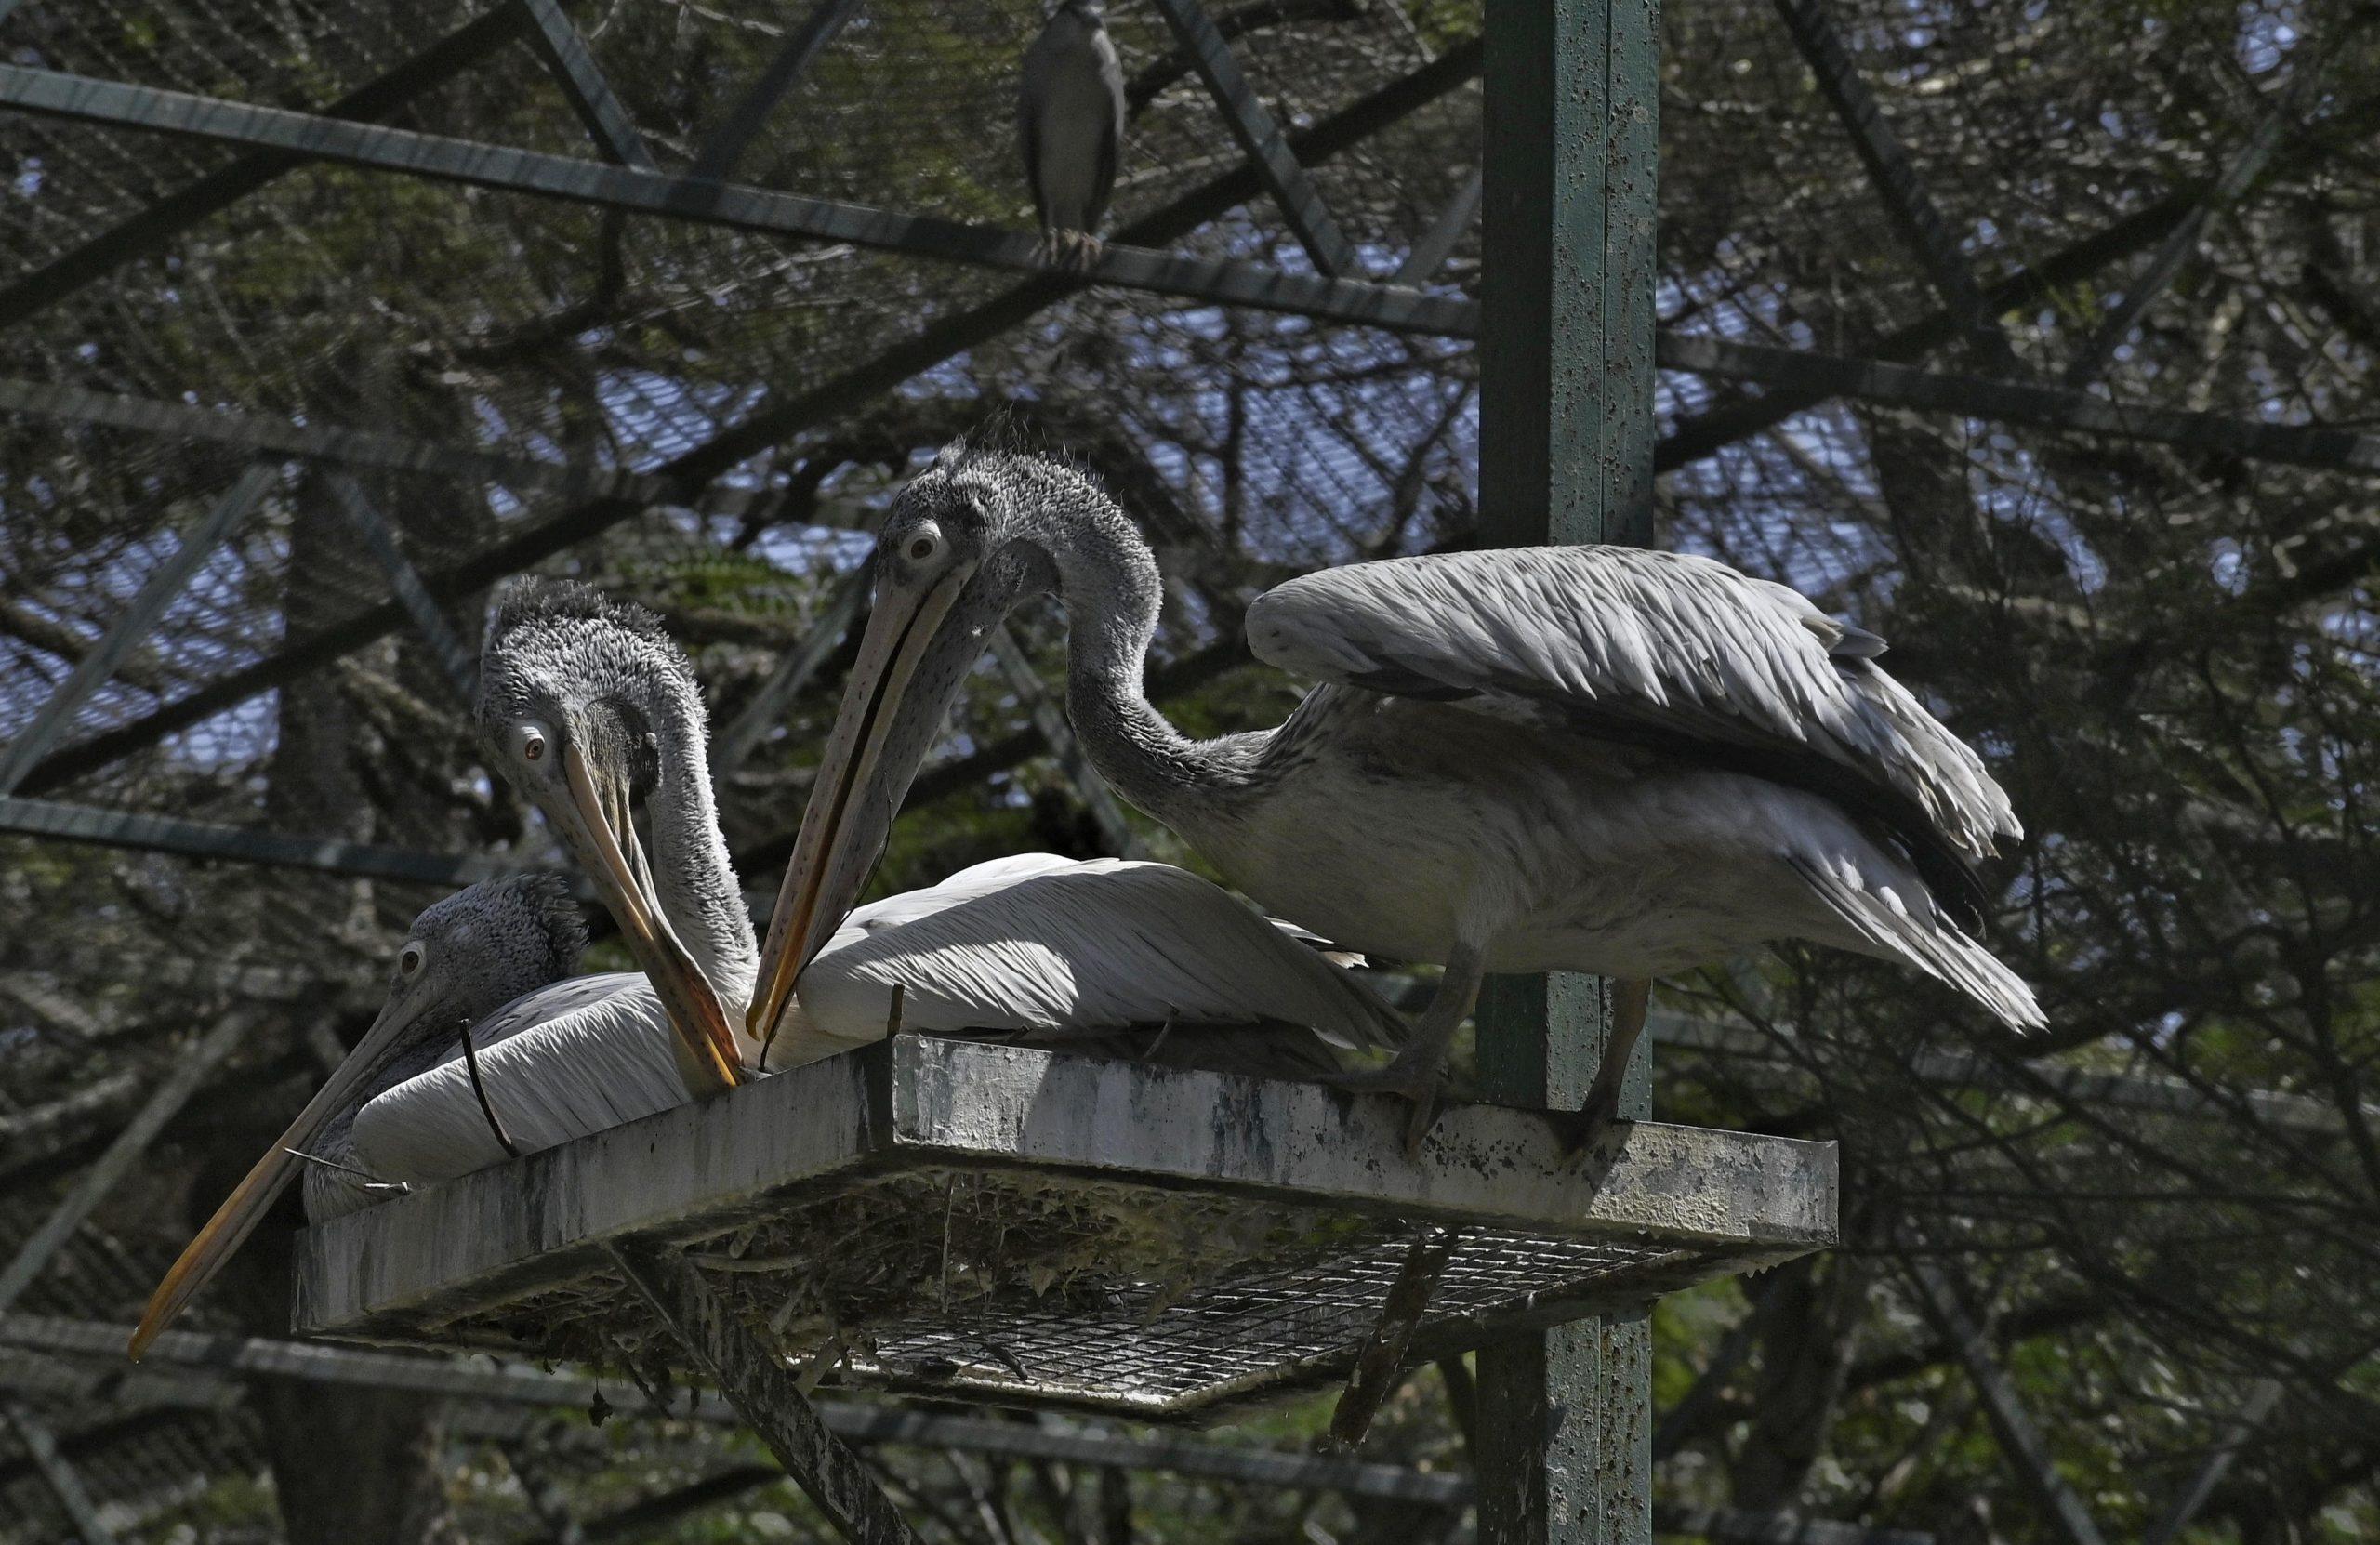 Birds with big beaks